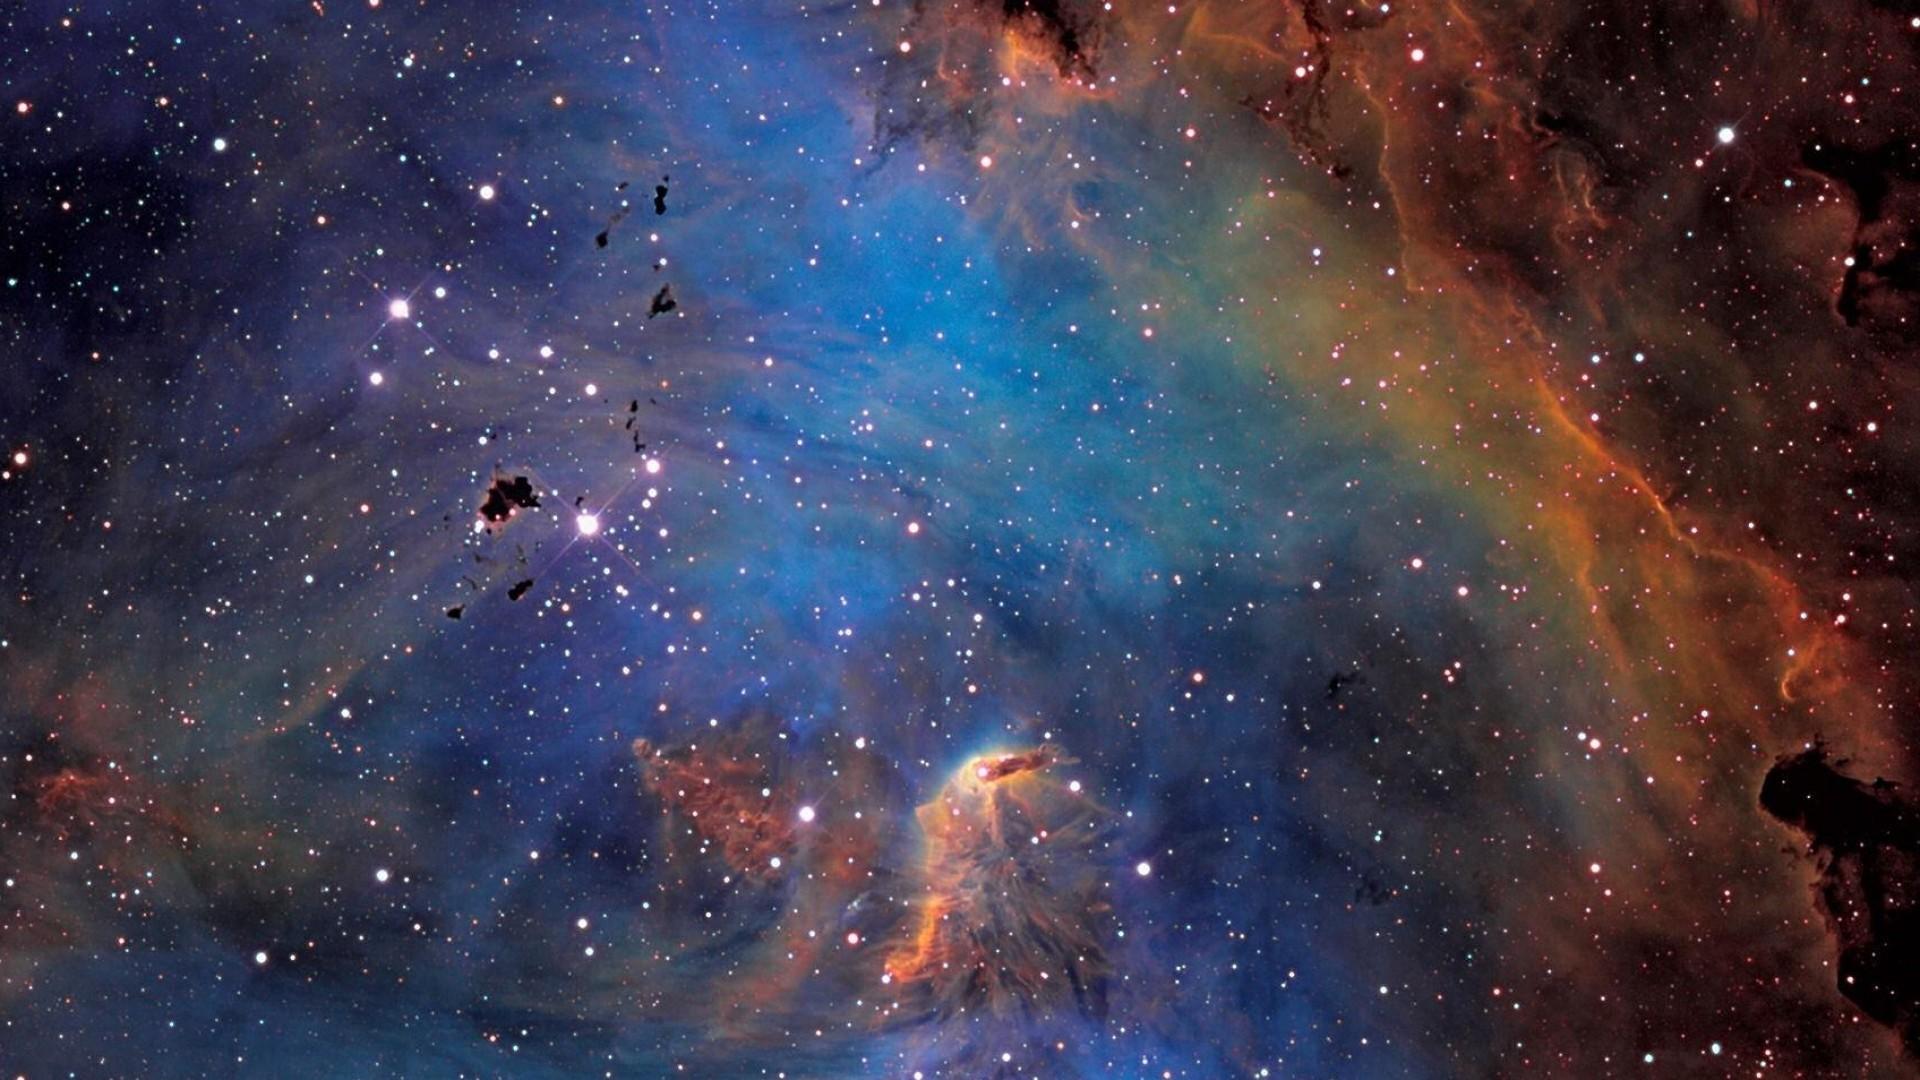 Sfondi universo 72 immagini for Sfondi desktop universo